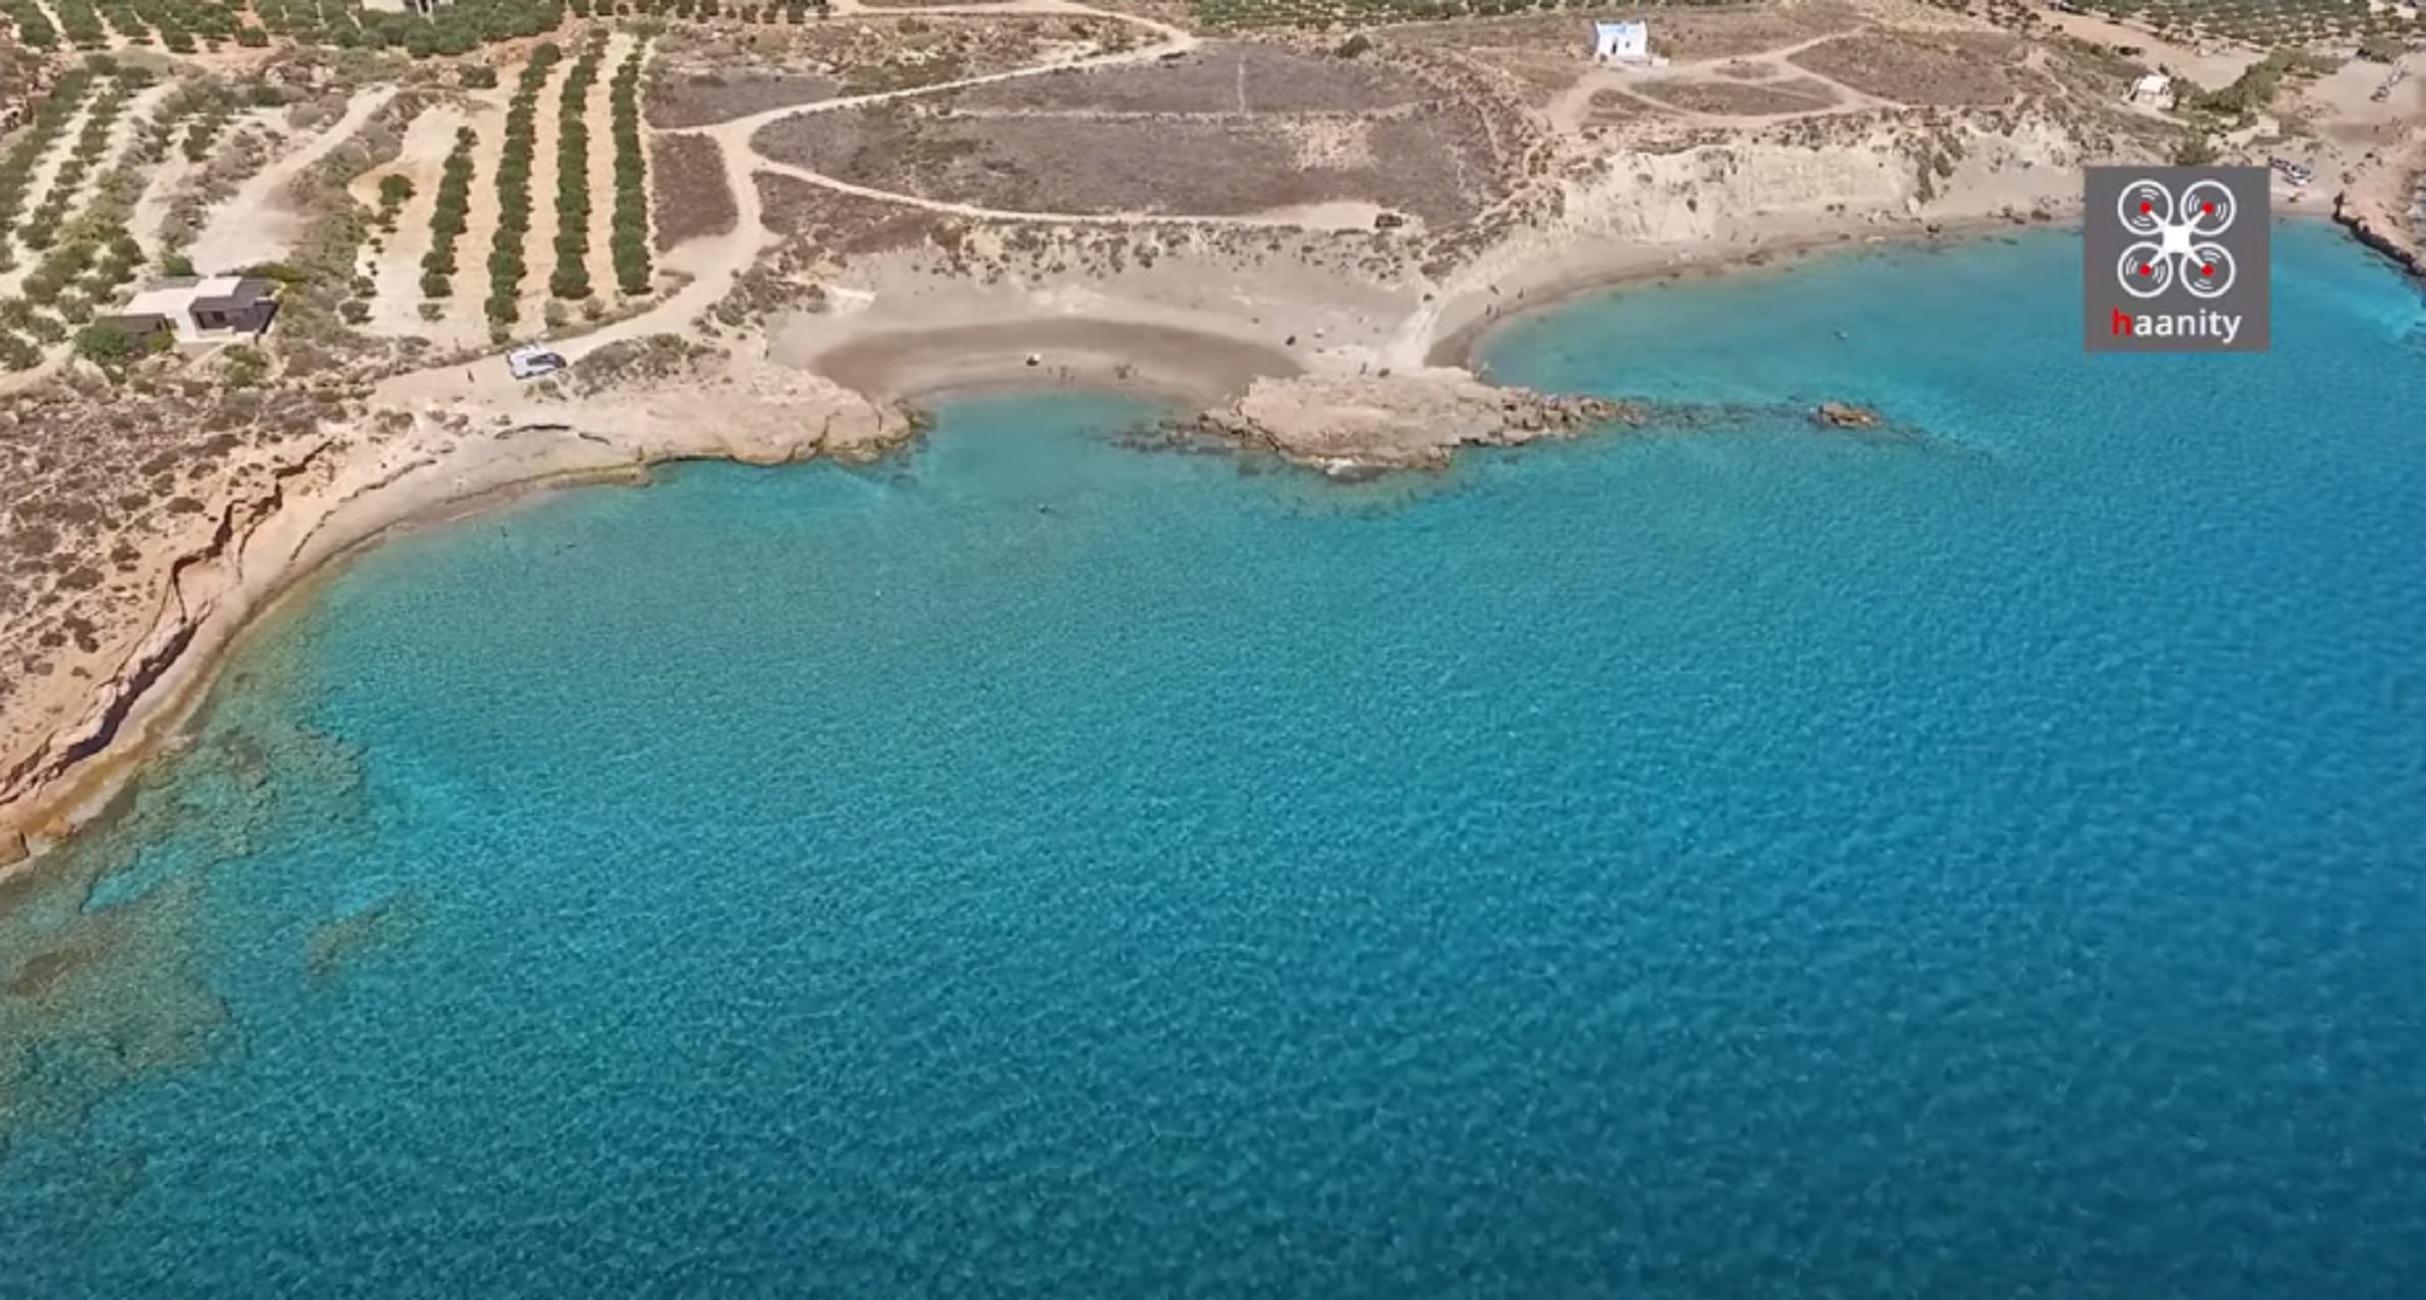 Άργιλος: Είναι αυτή η κορυφαία παραλία της χώρας για το 2021; Φυσικό spa και βουτιές σε εκπληκτικά νερά (video)